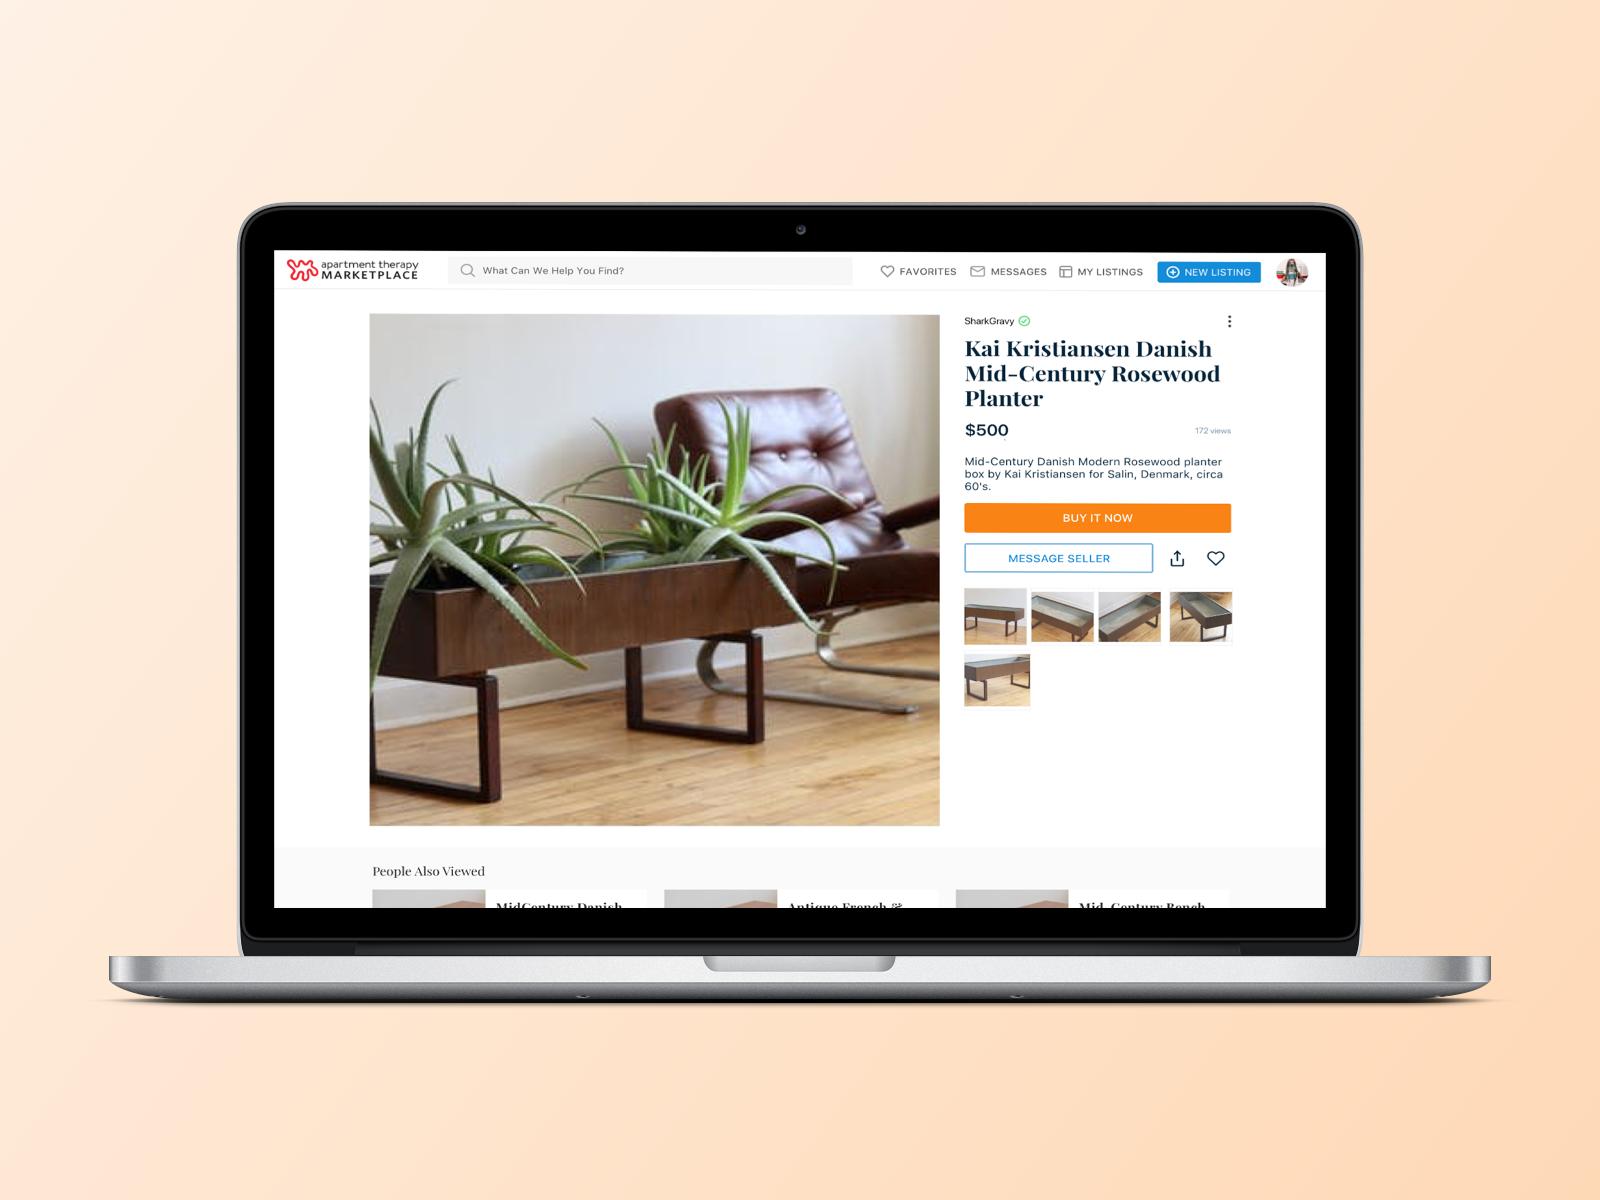 Keaton taylor marketplace listing detail desktop concept